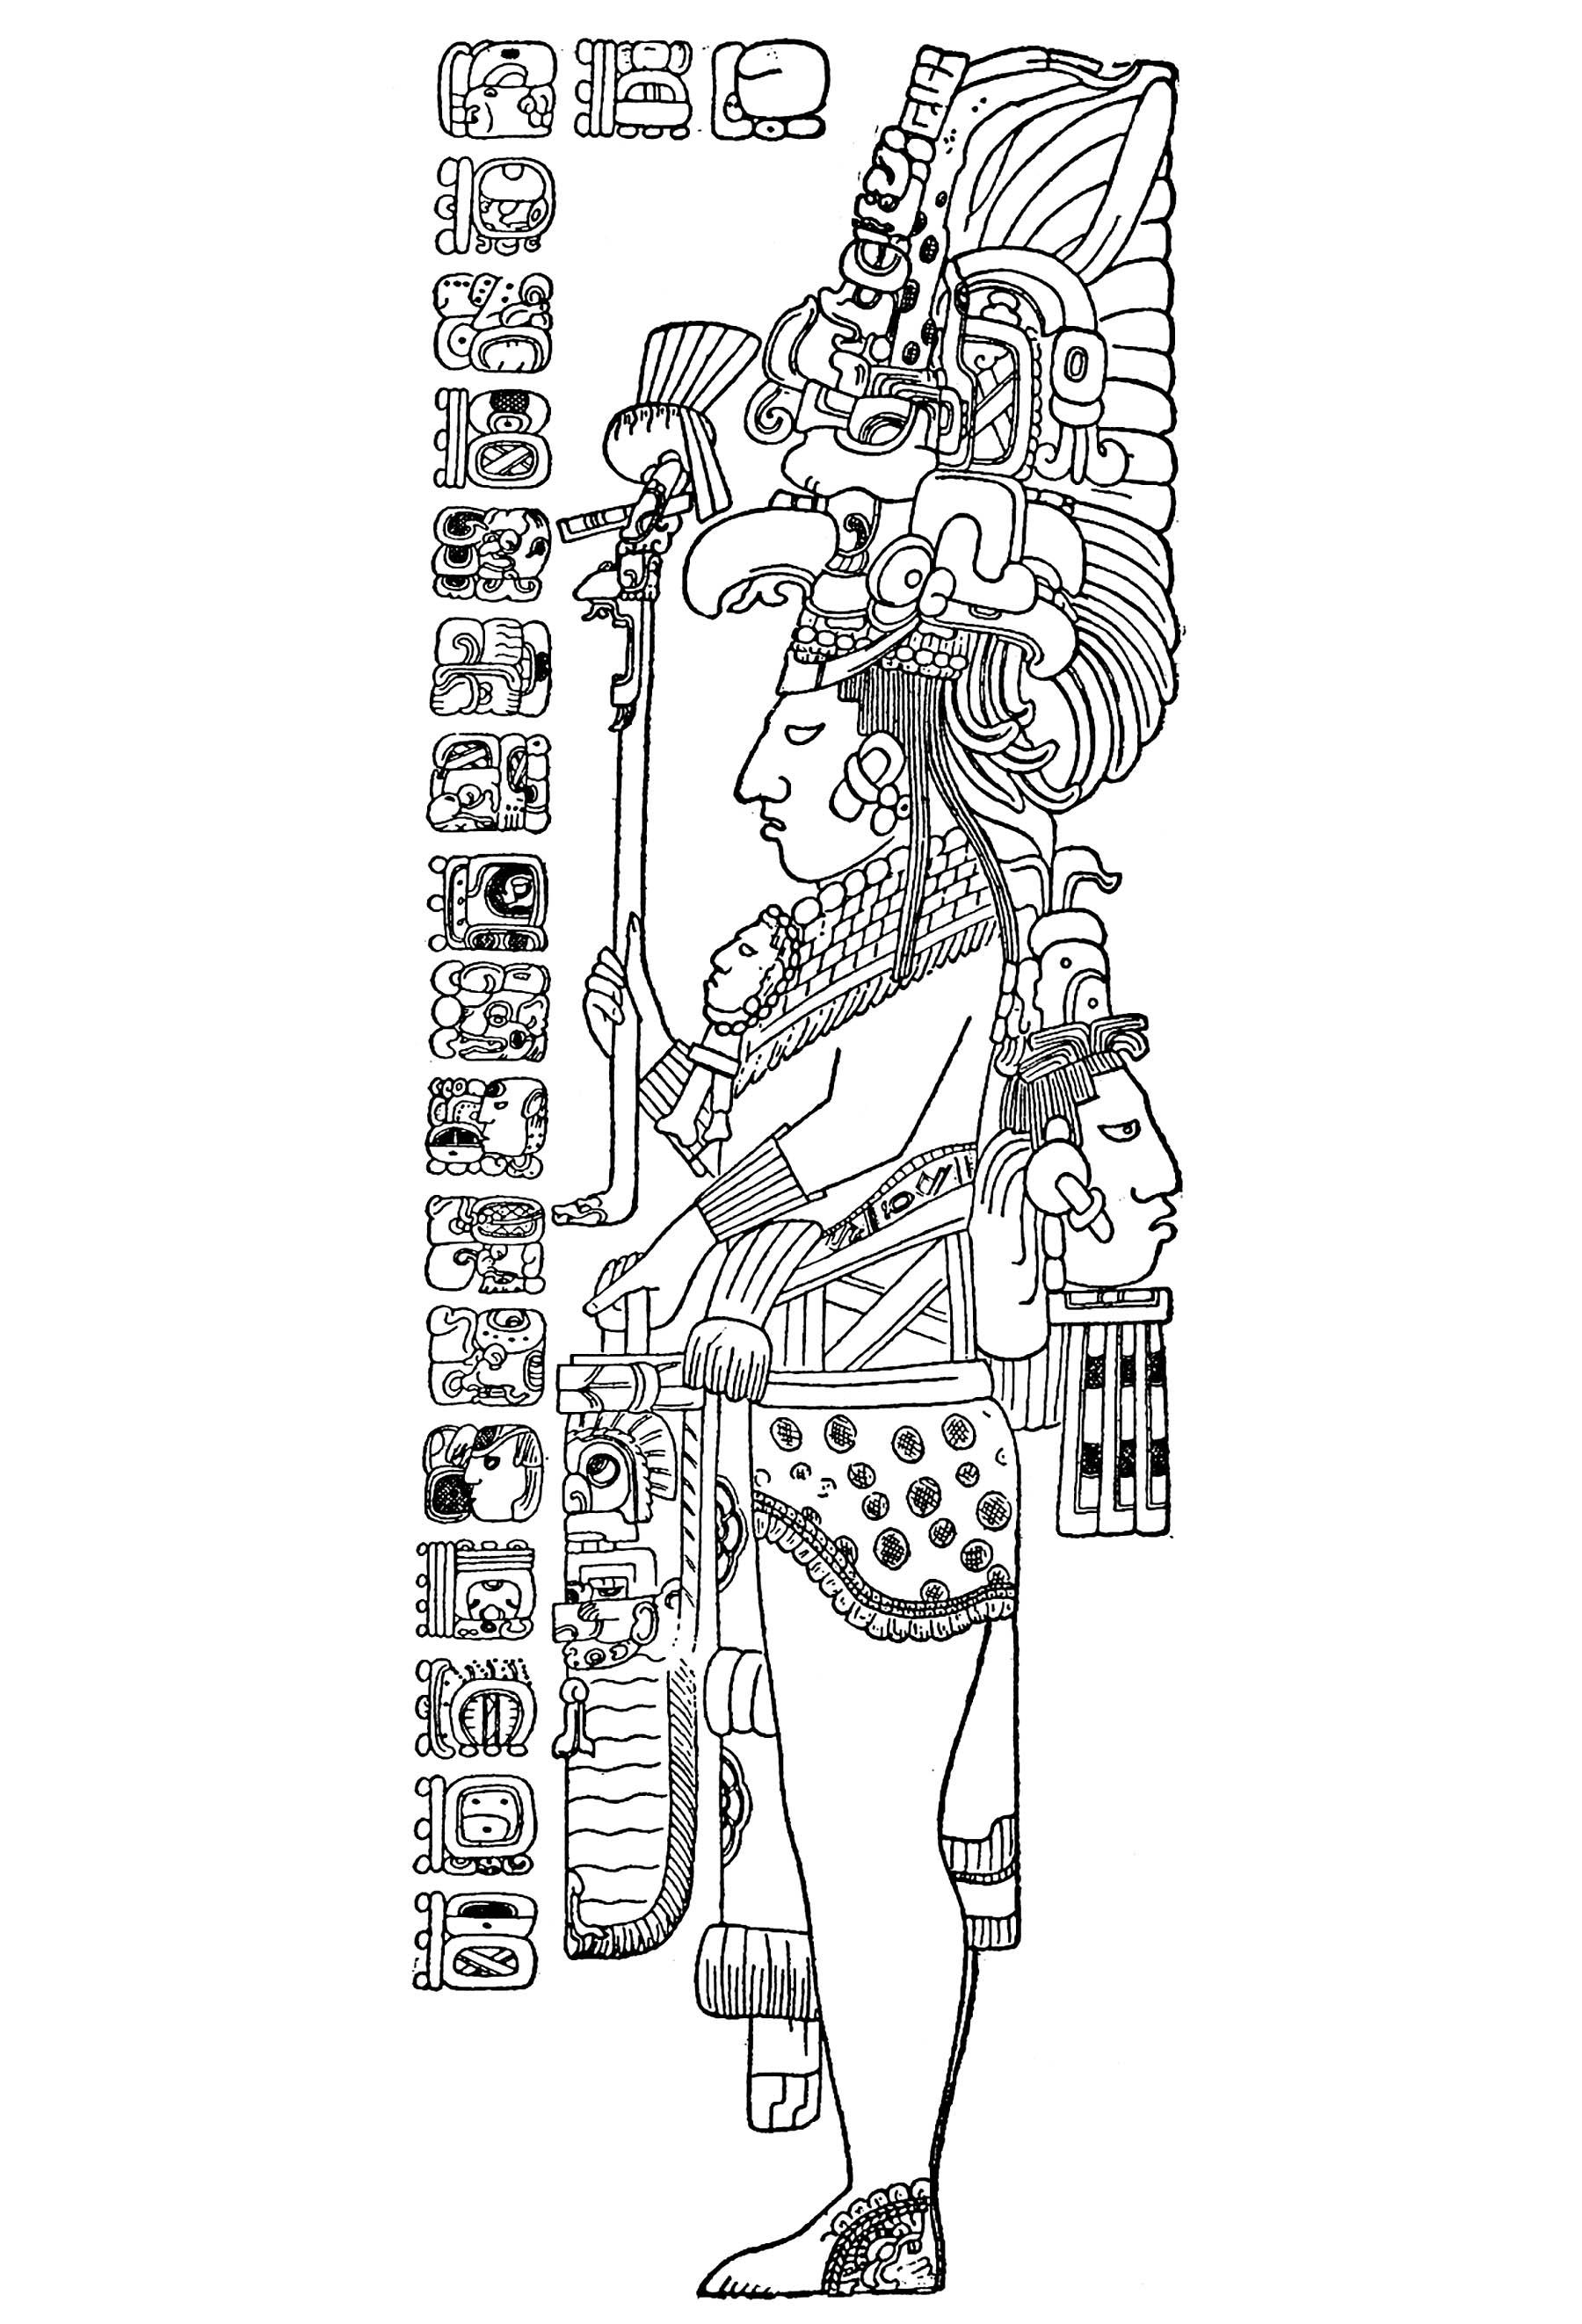 Disegni da colorare per adulti : Maya, Aztechi e Incas - 19